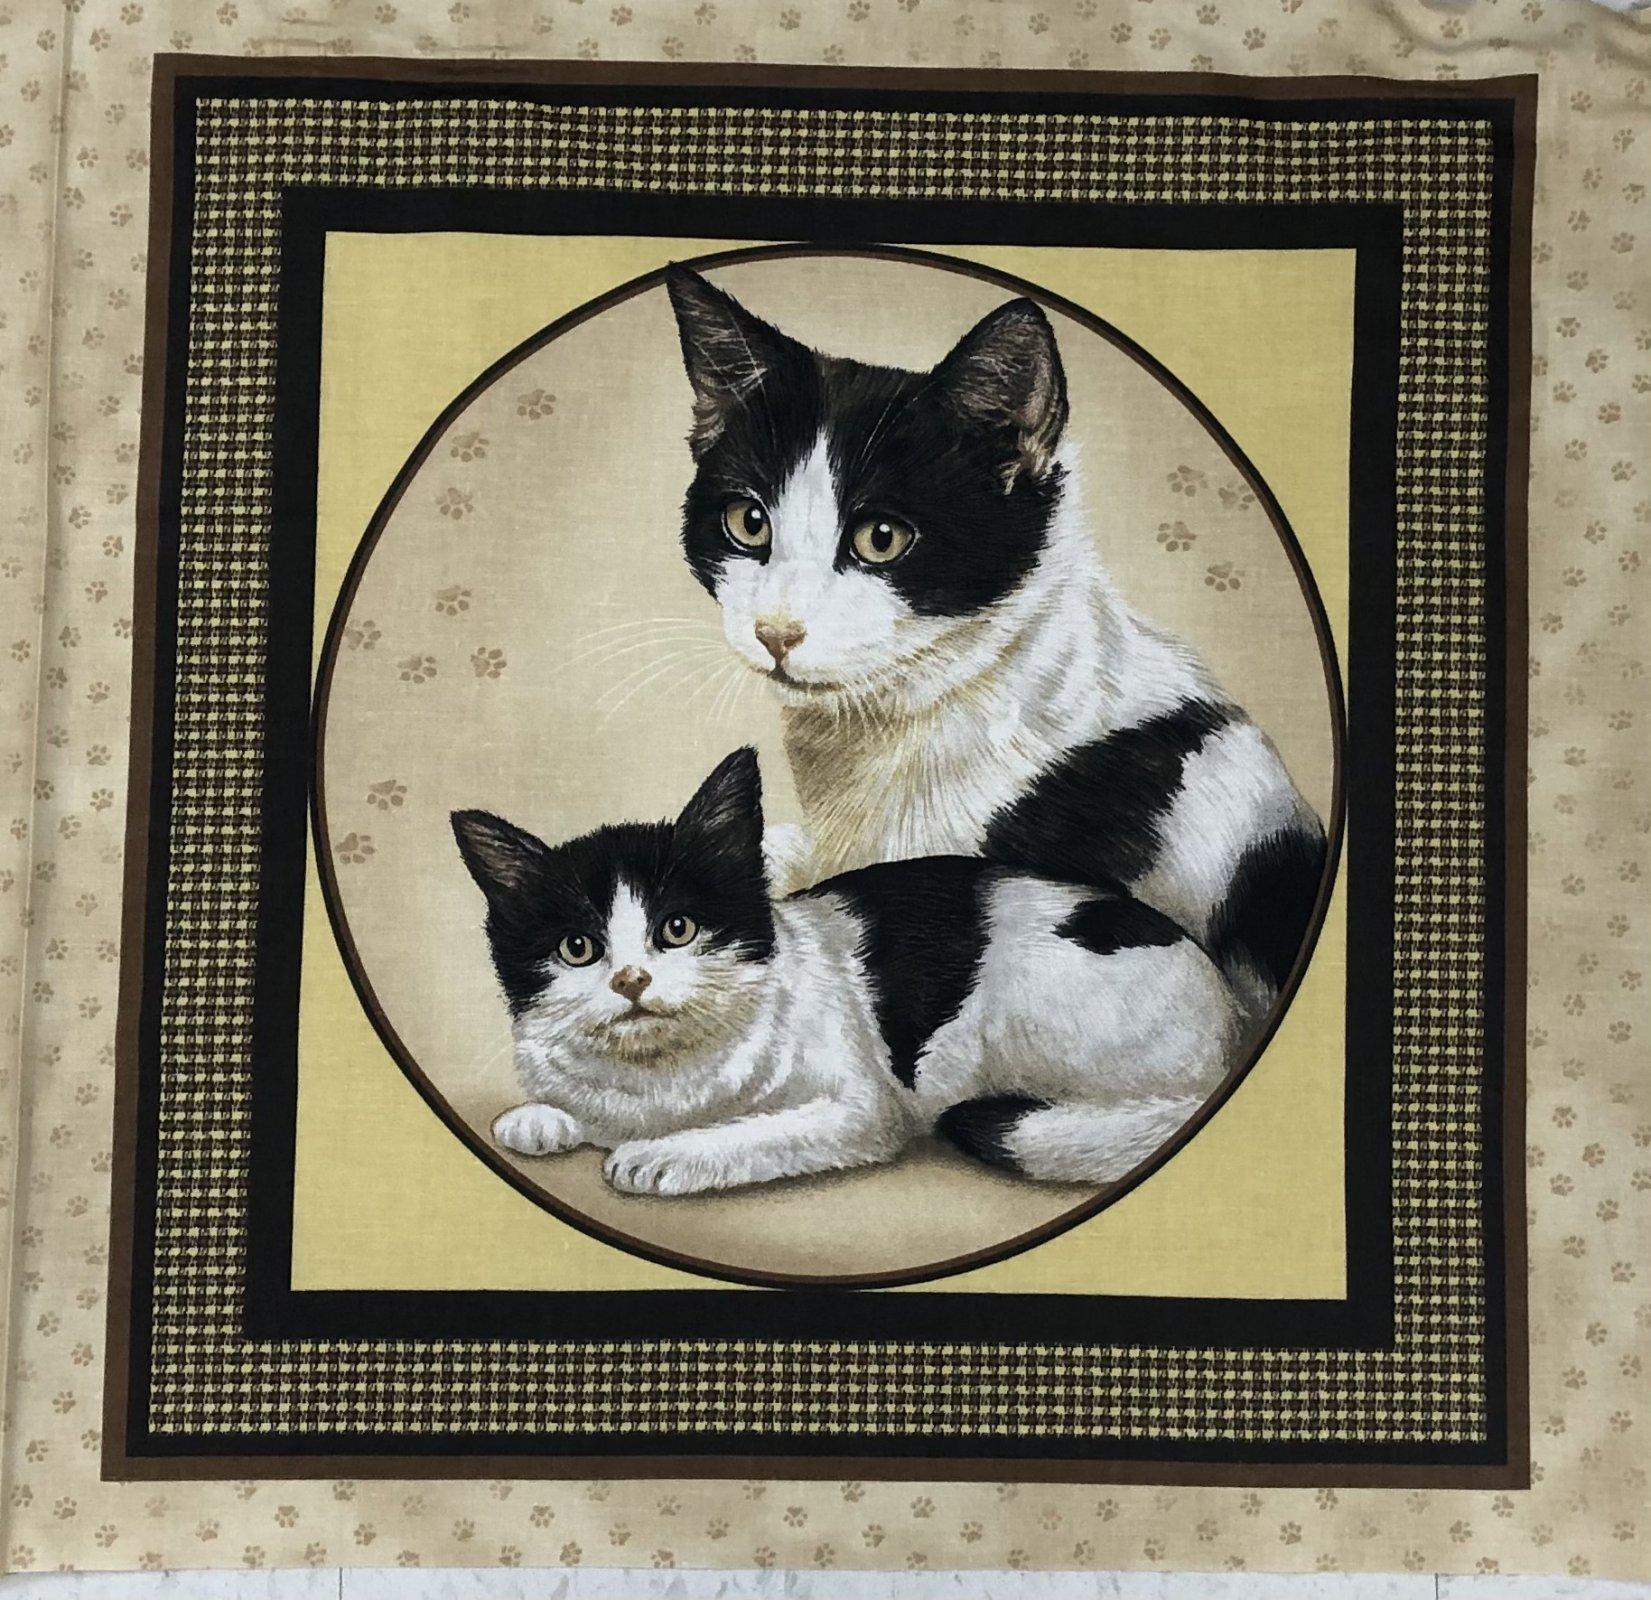 V.I.P Prints Cat Pillow Panel - 17.5